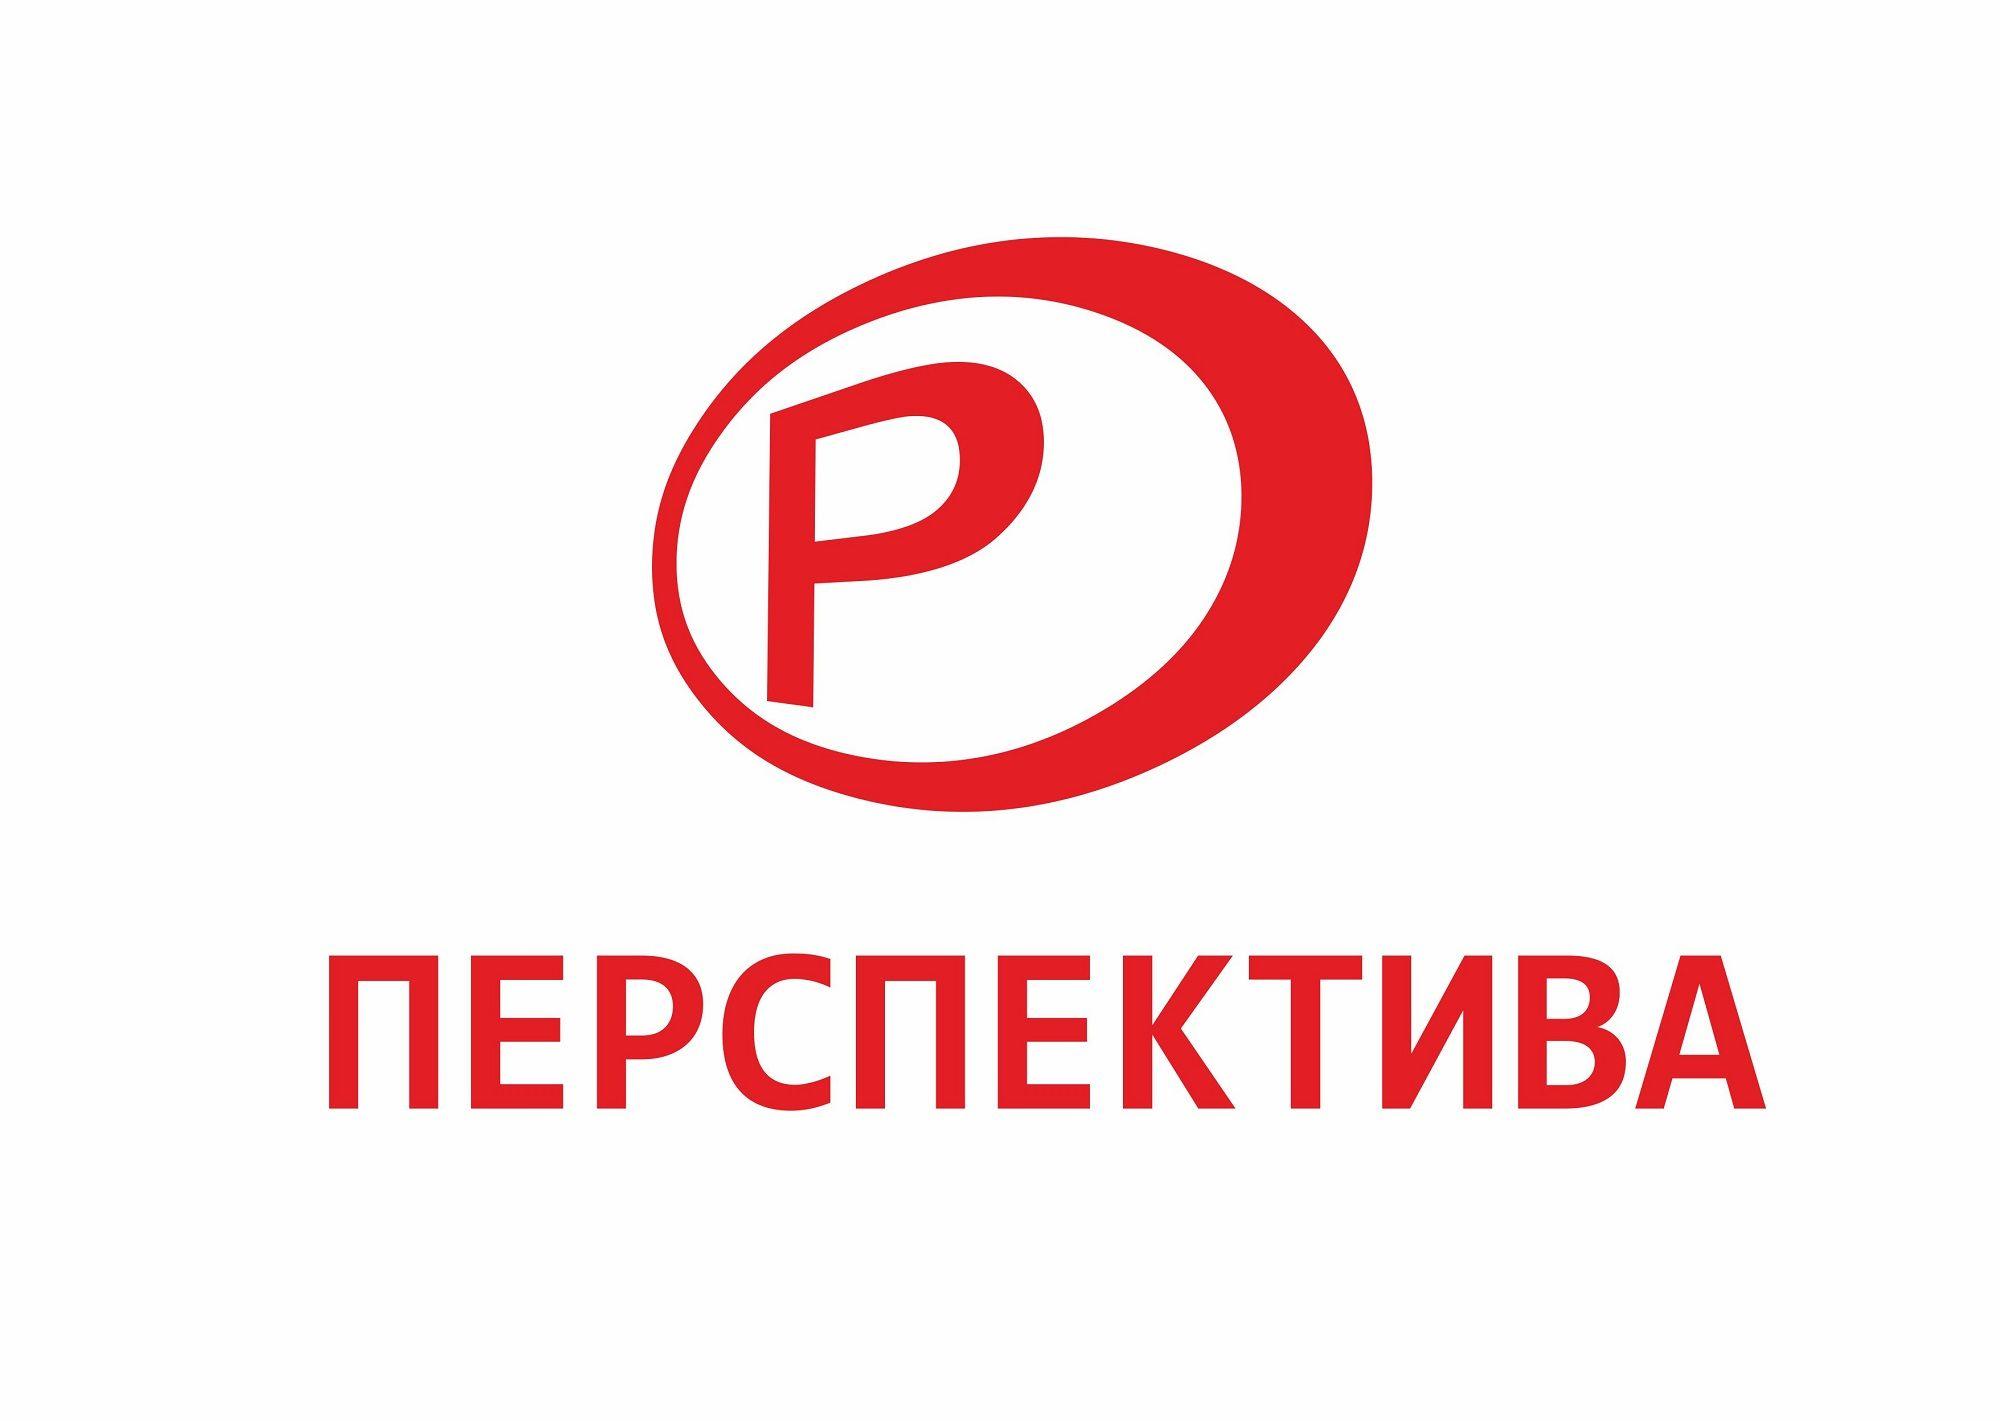 Логотип для компании  - дизайнер anton